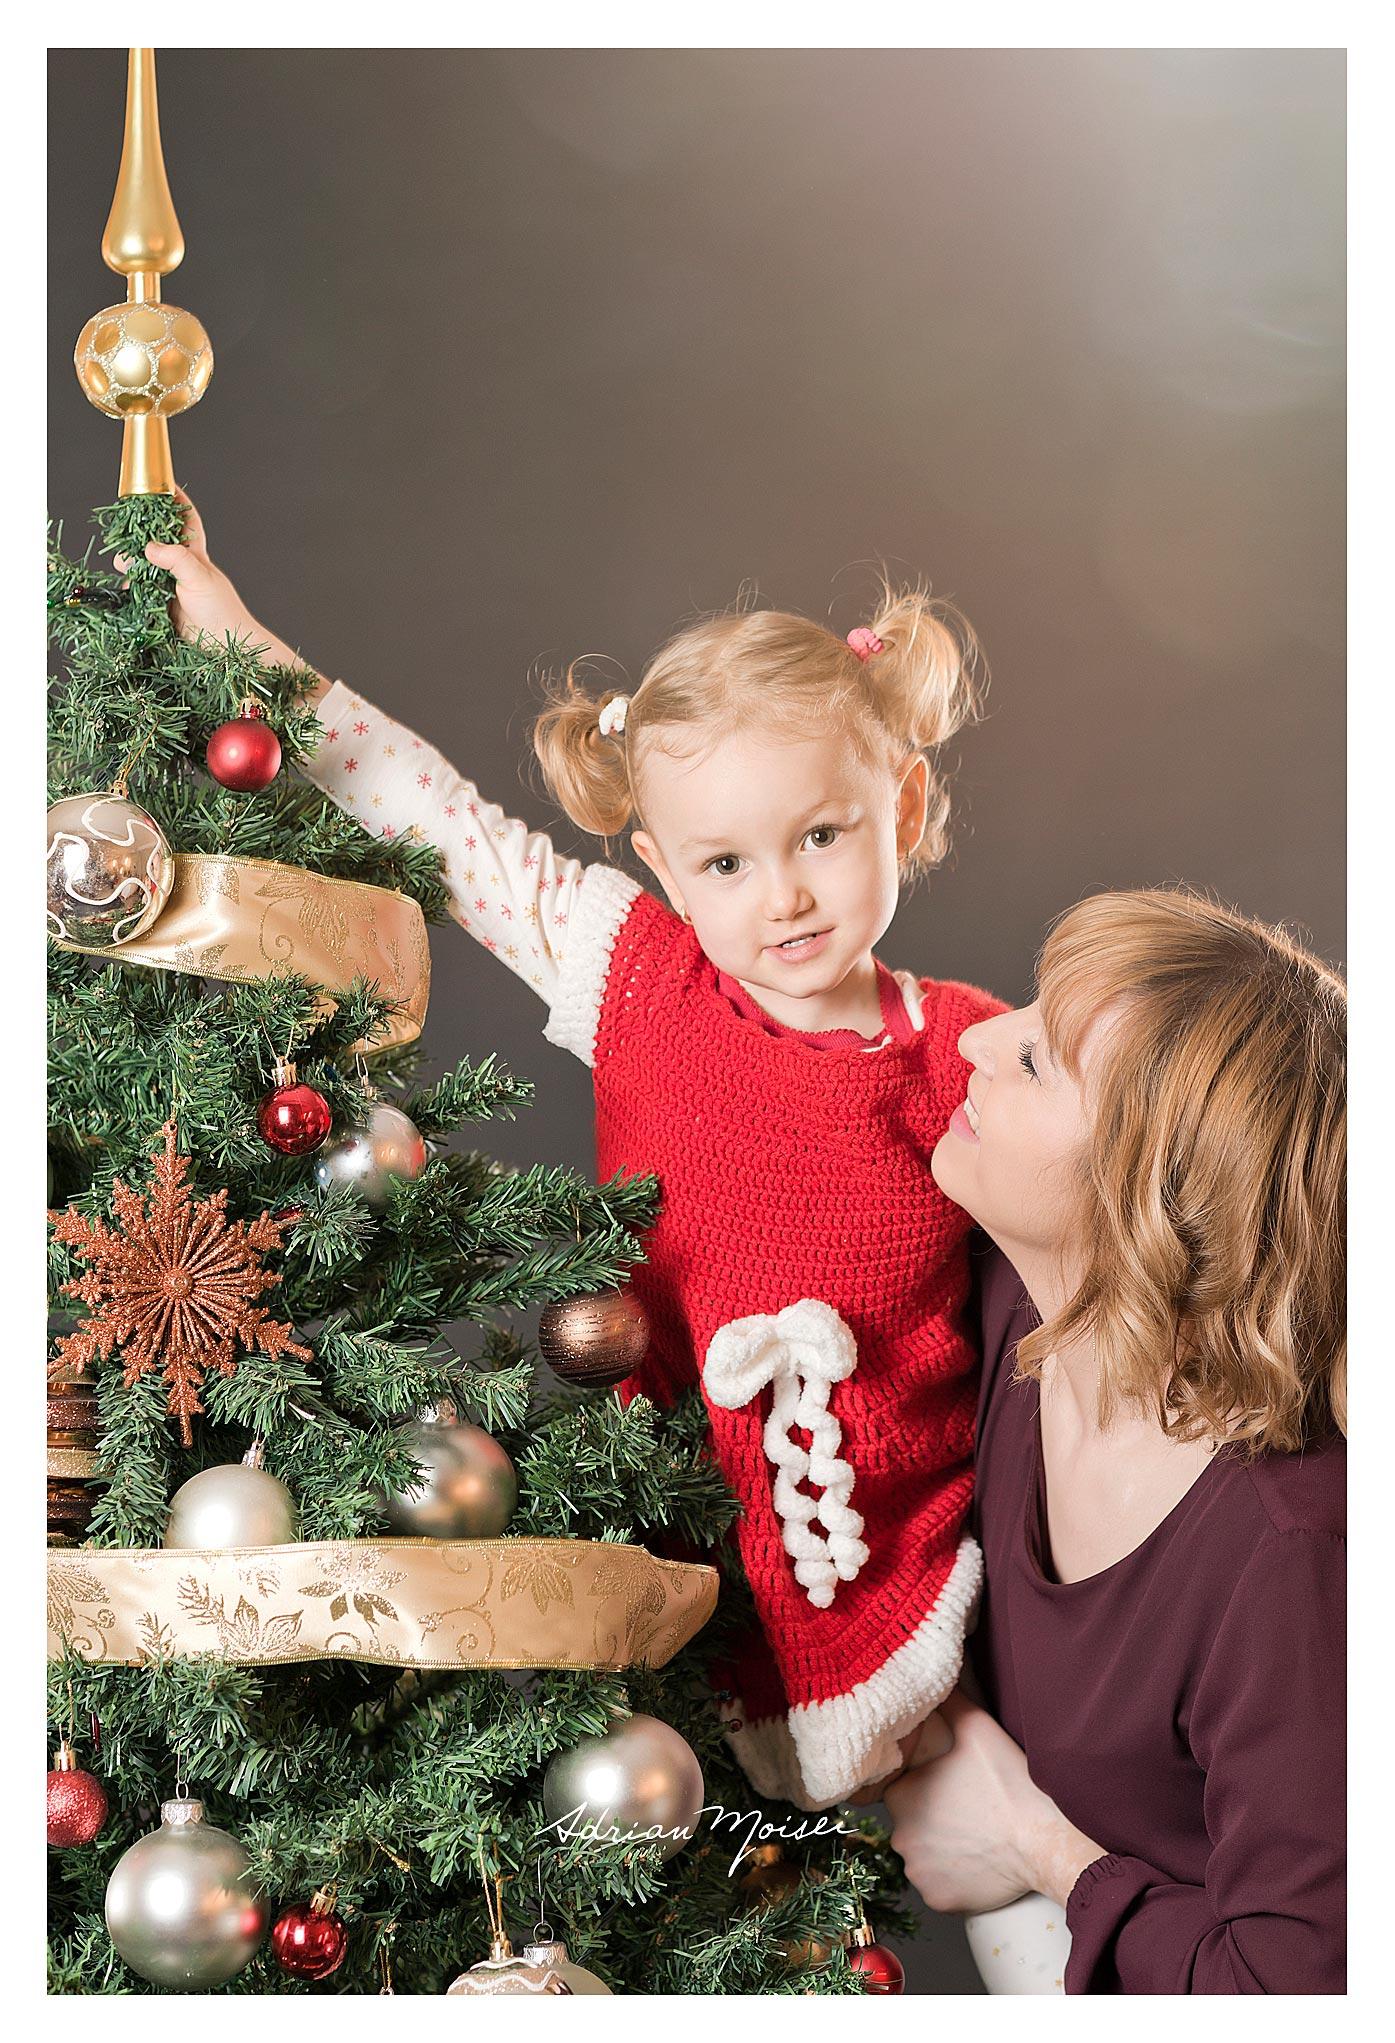 Minisesiune foto de Crăciun fotografie de familie, Adrian Moisei.